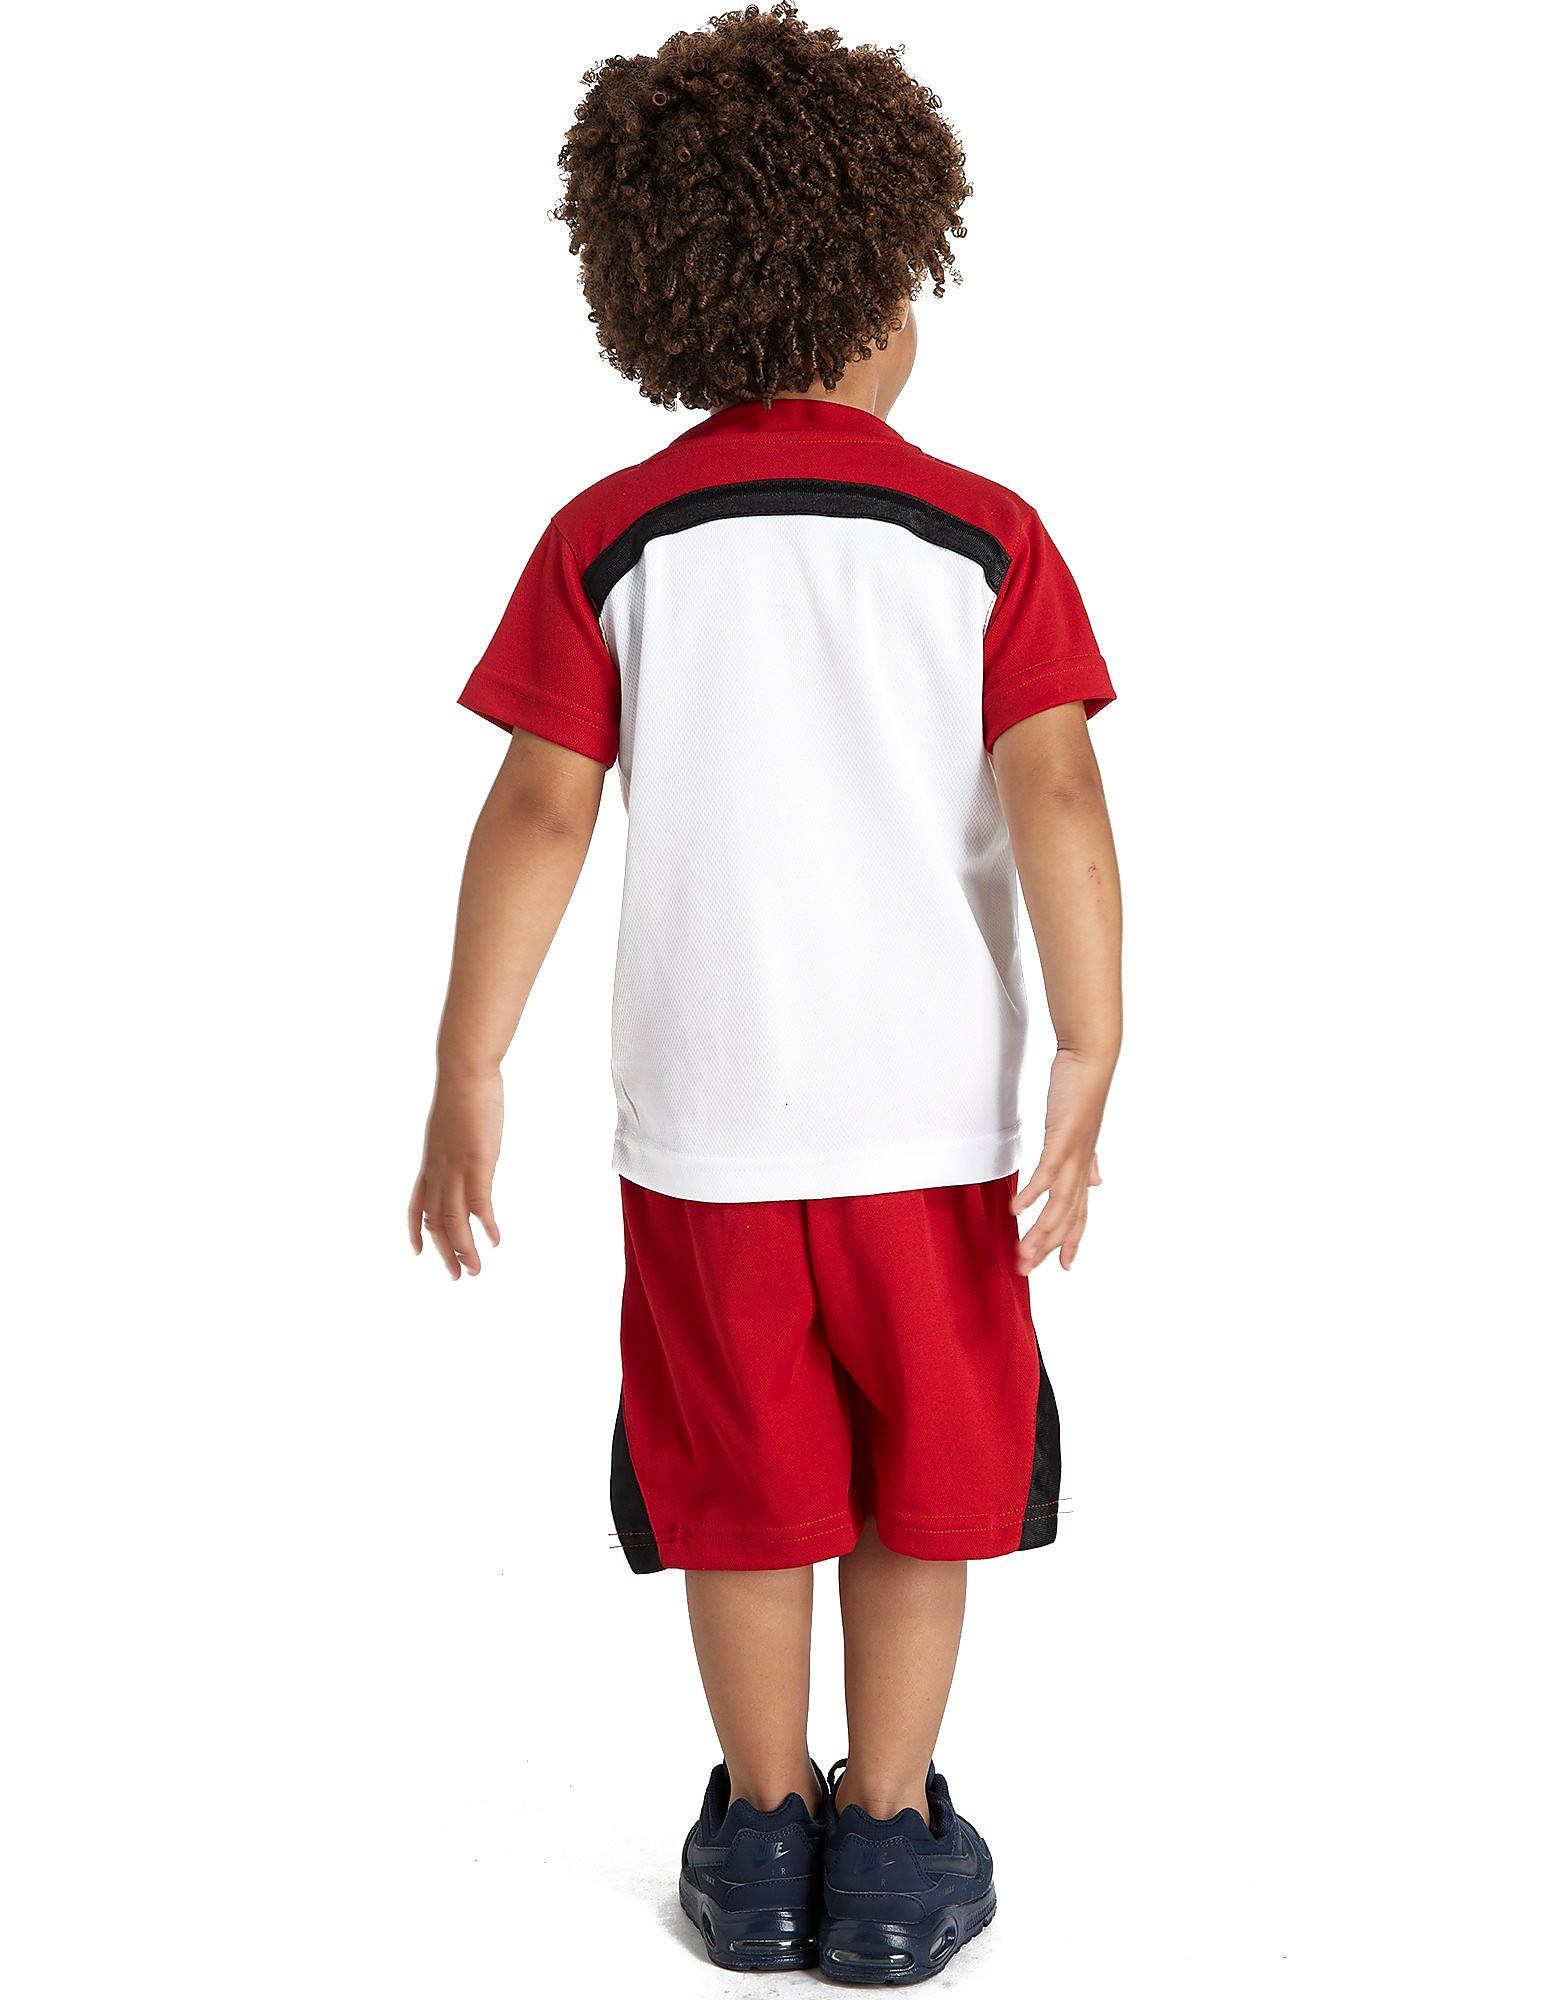 Jordan Court T-Shirt and Shorts Set Children